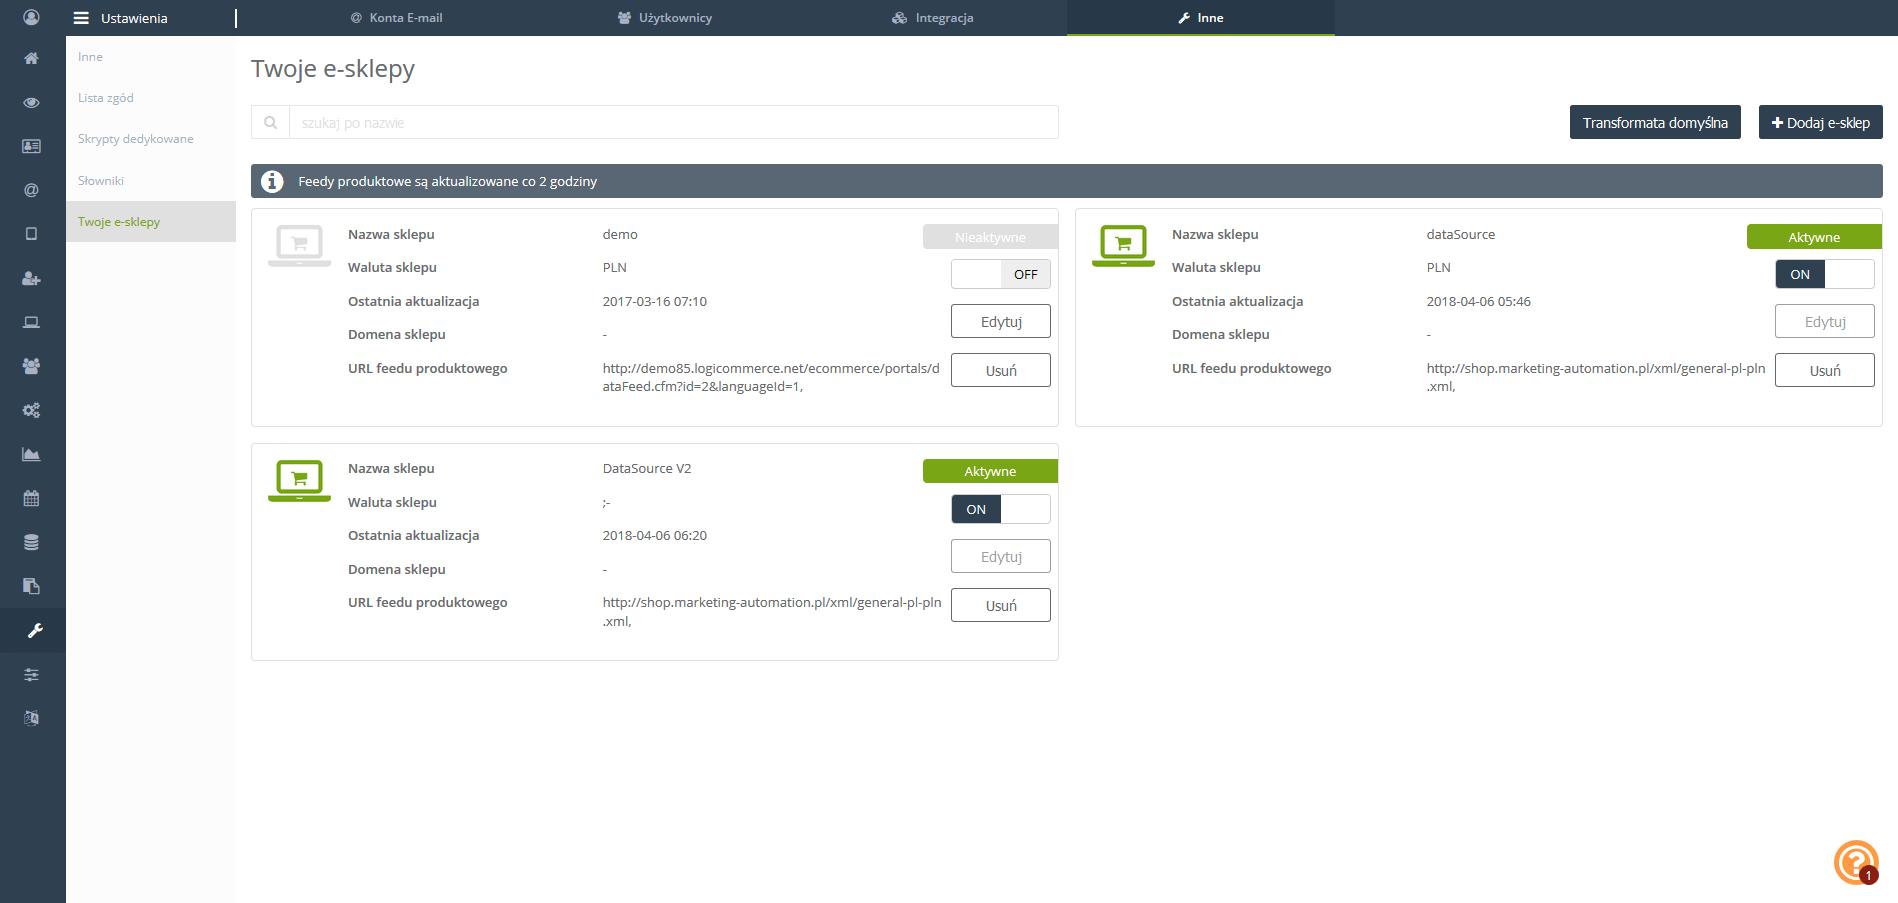 Dodaj e-sklep